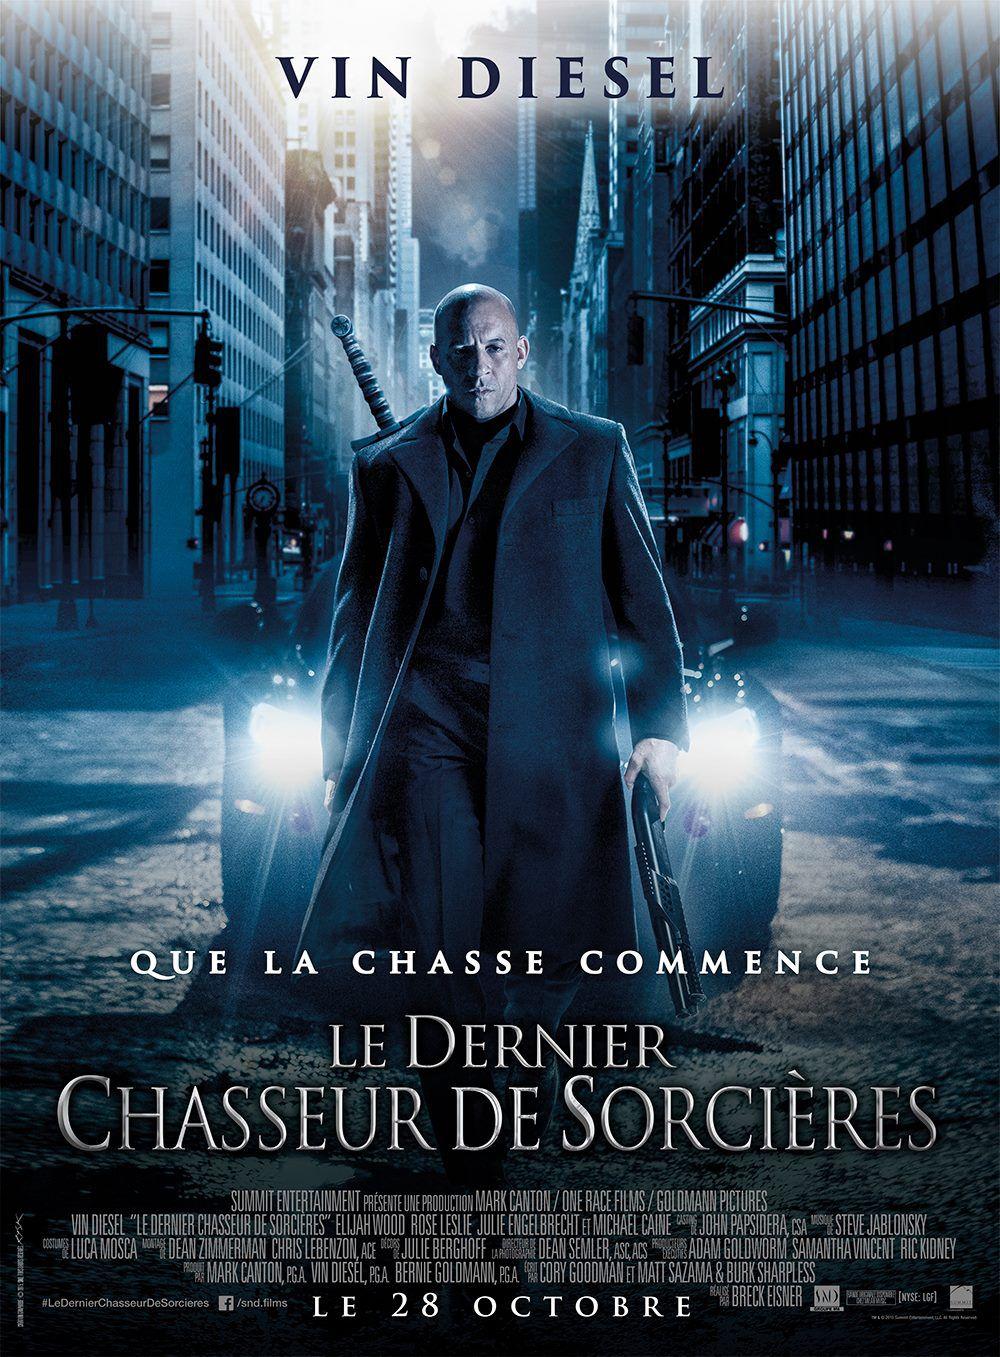 Le Dernier Chasseur de sorcières - Film (2015)